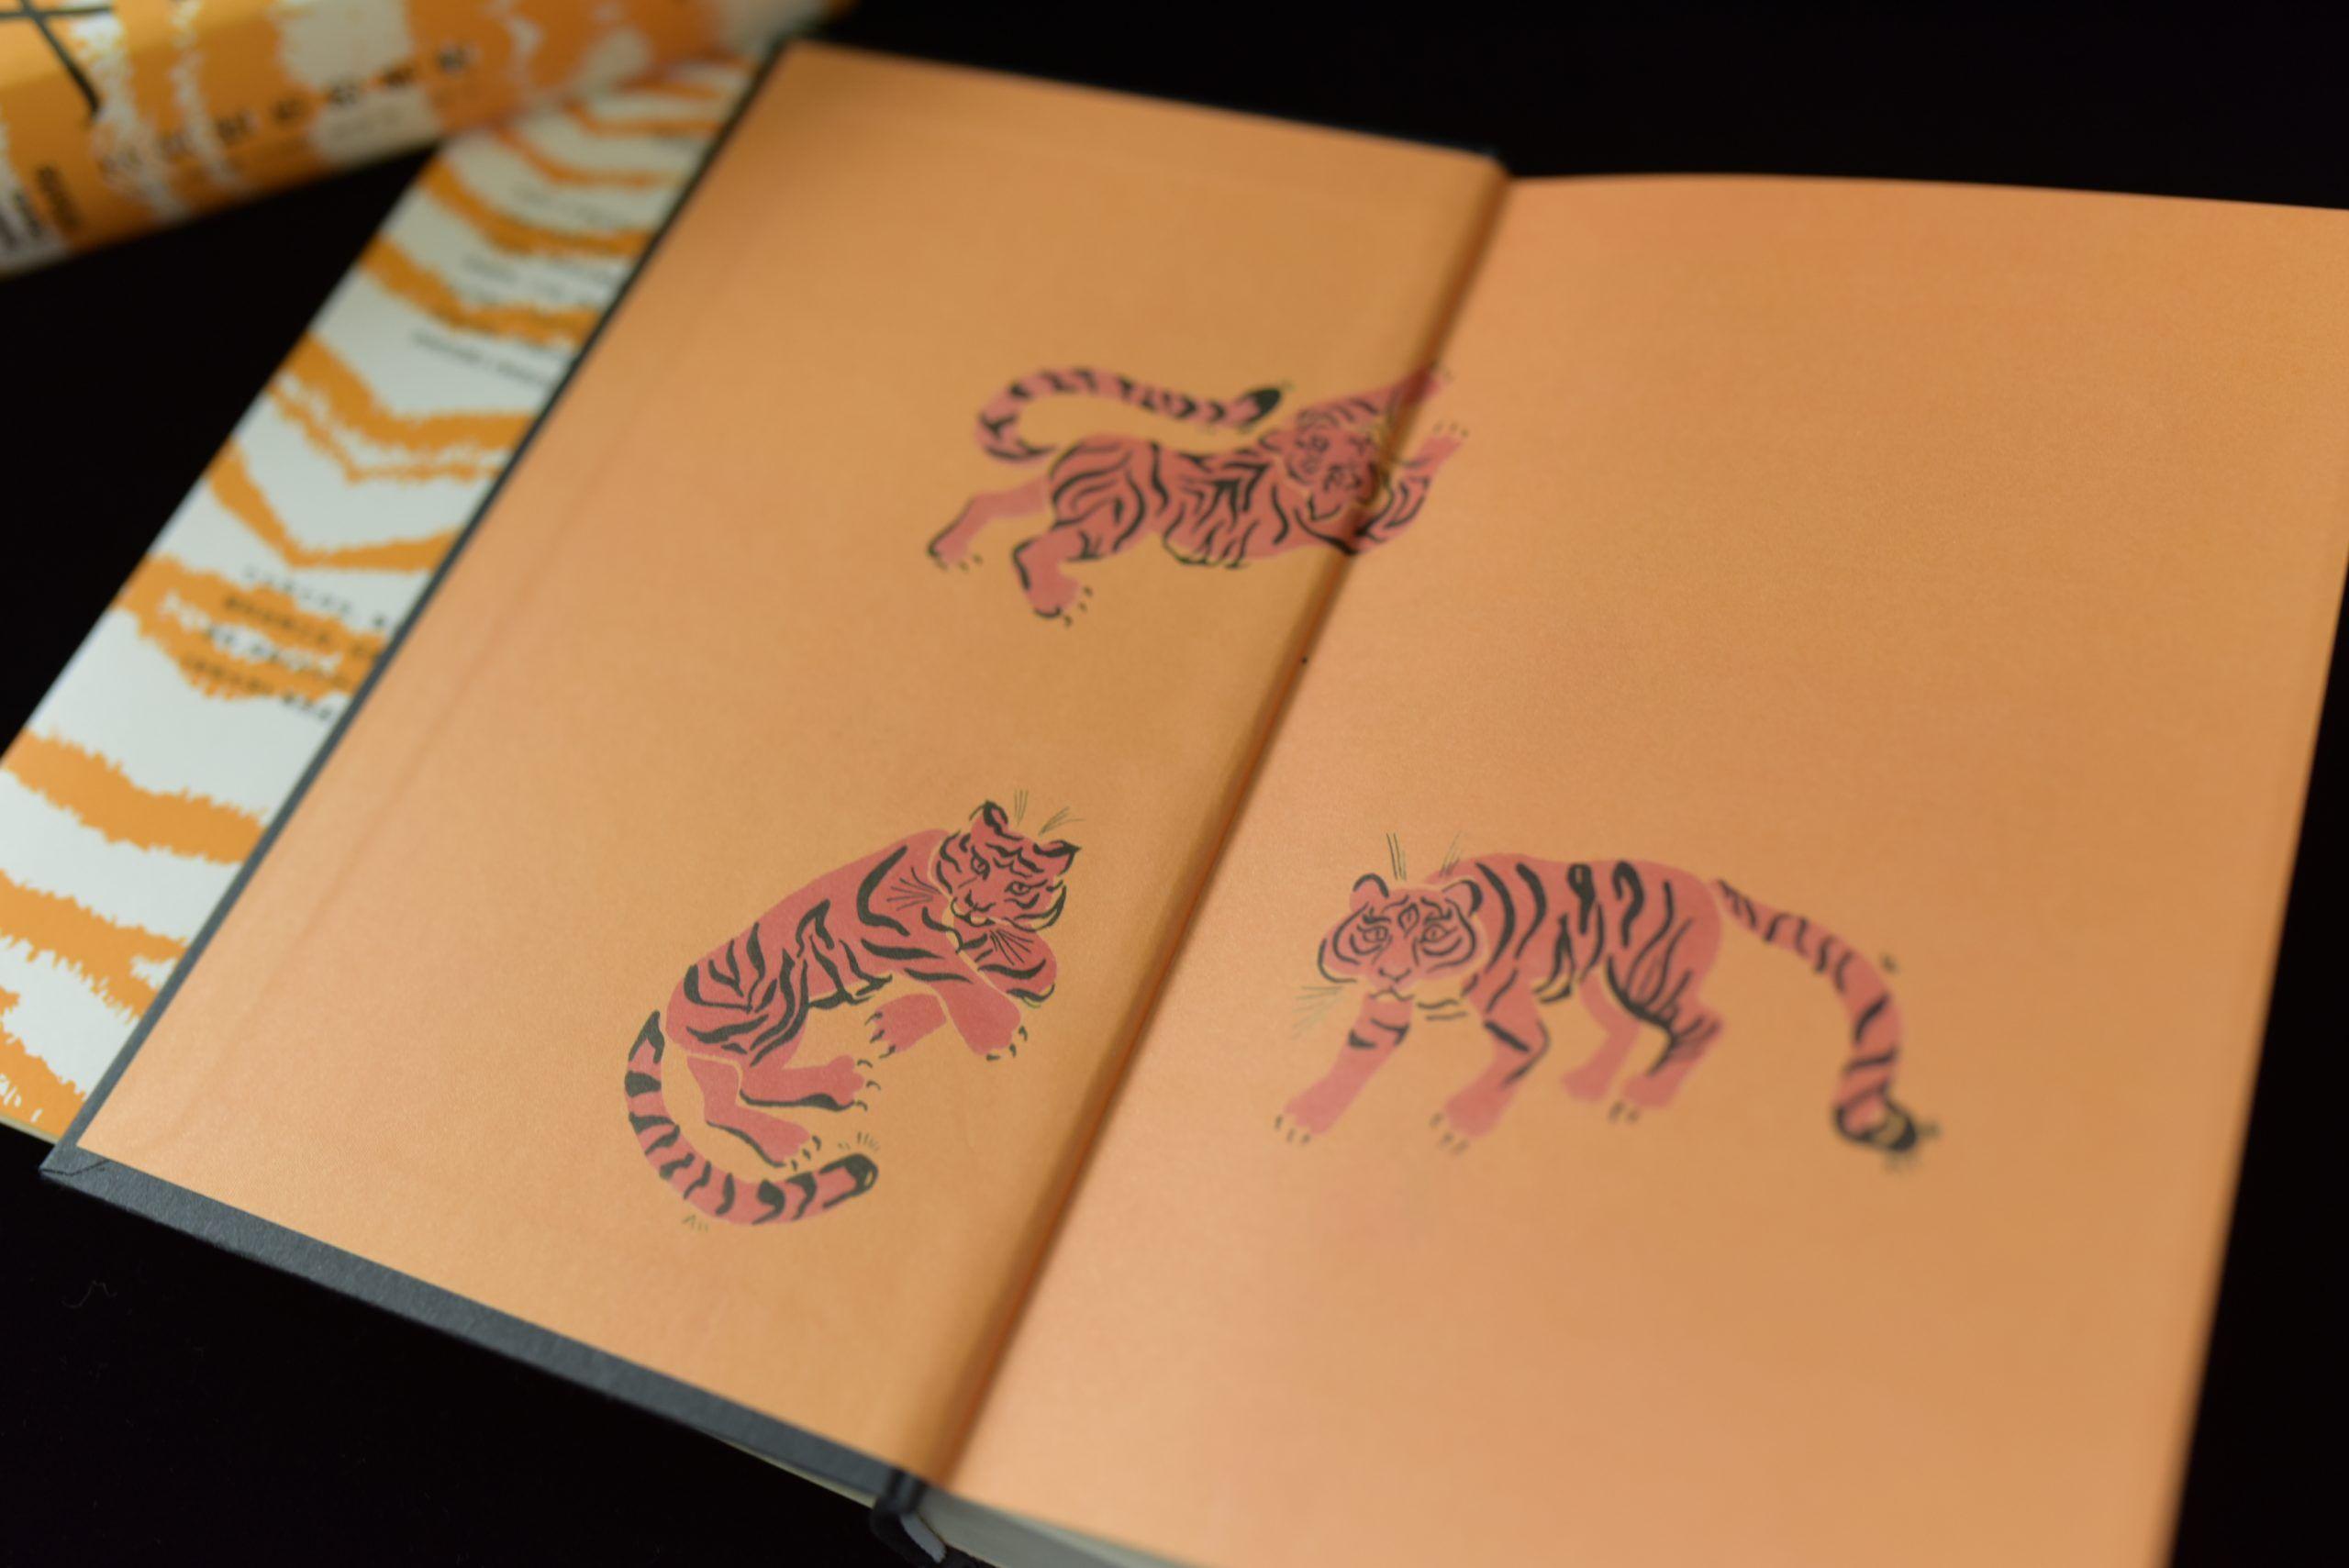 《三只忧伤的老虎》出圈笔记